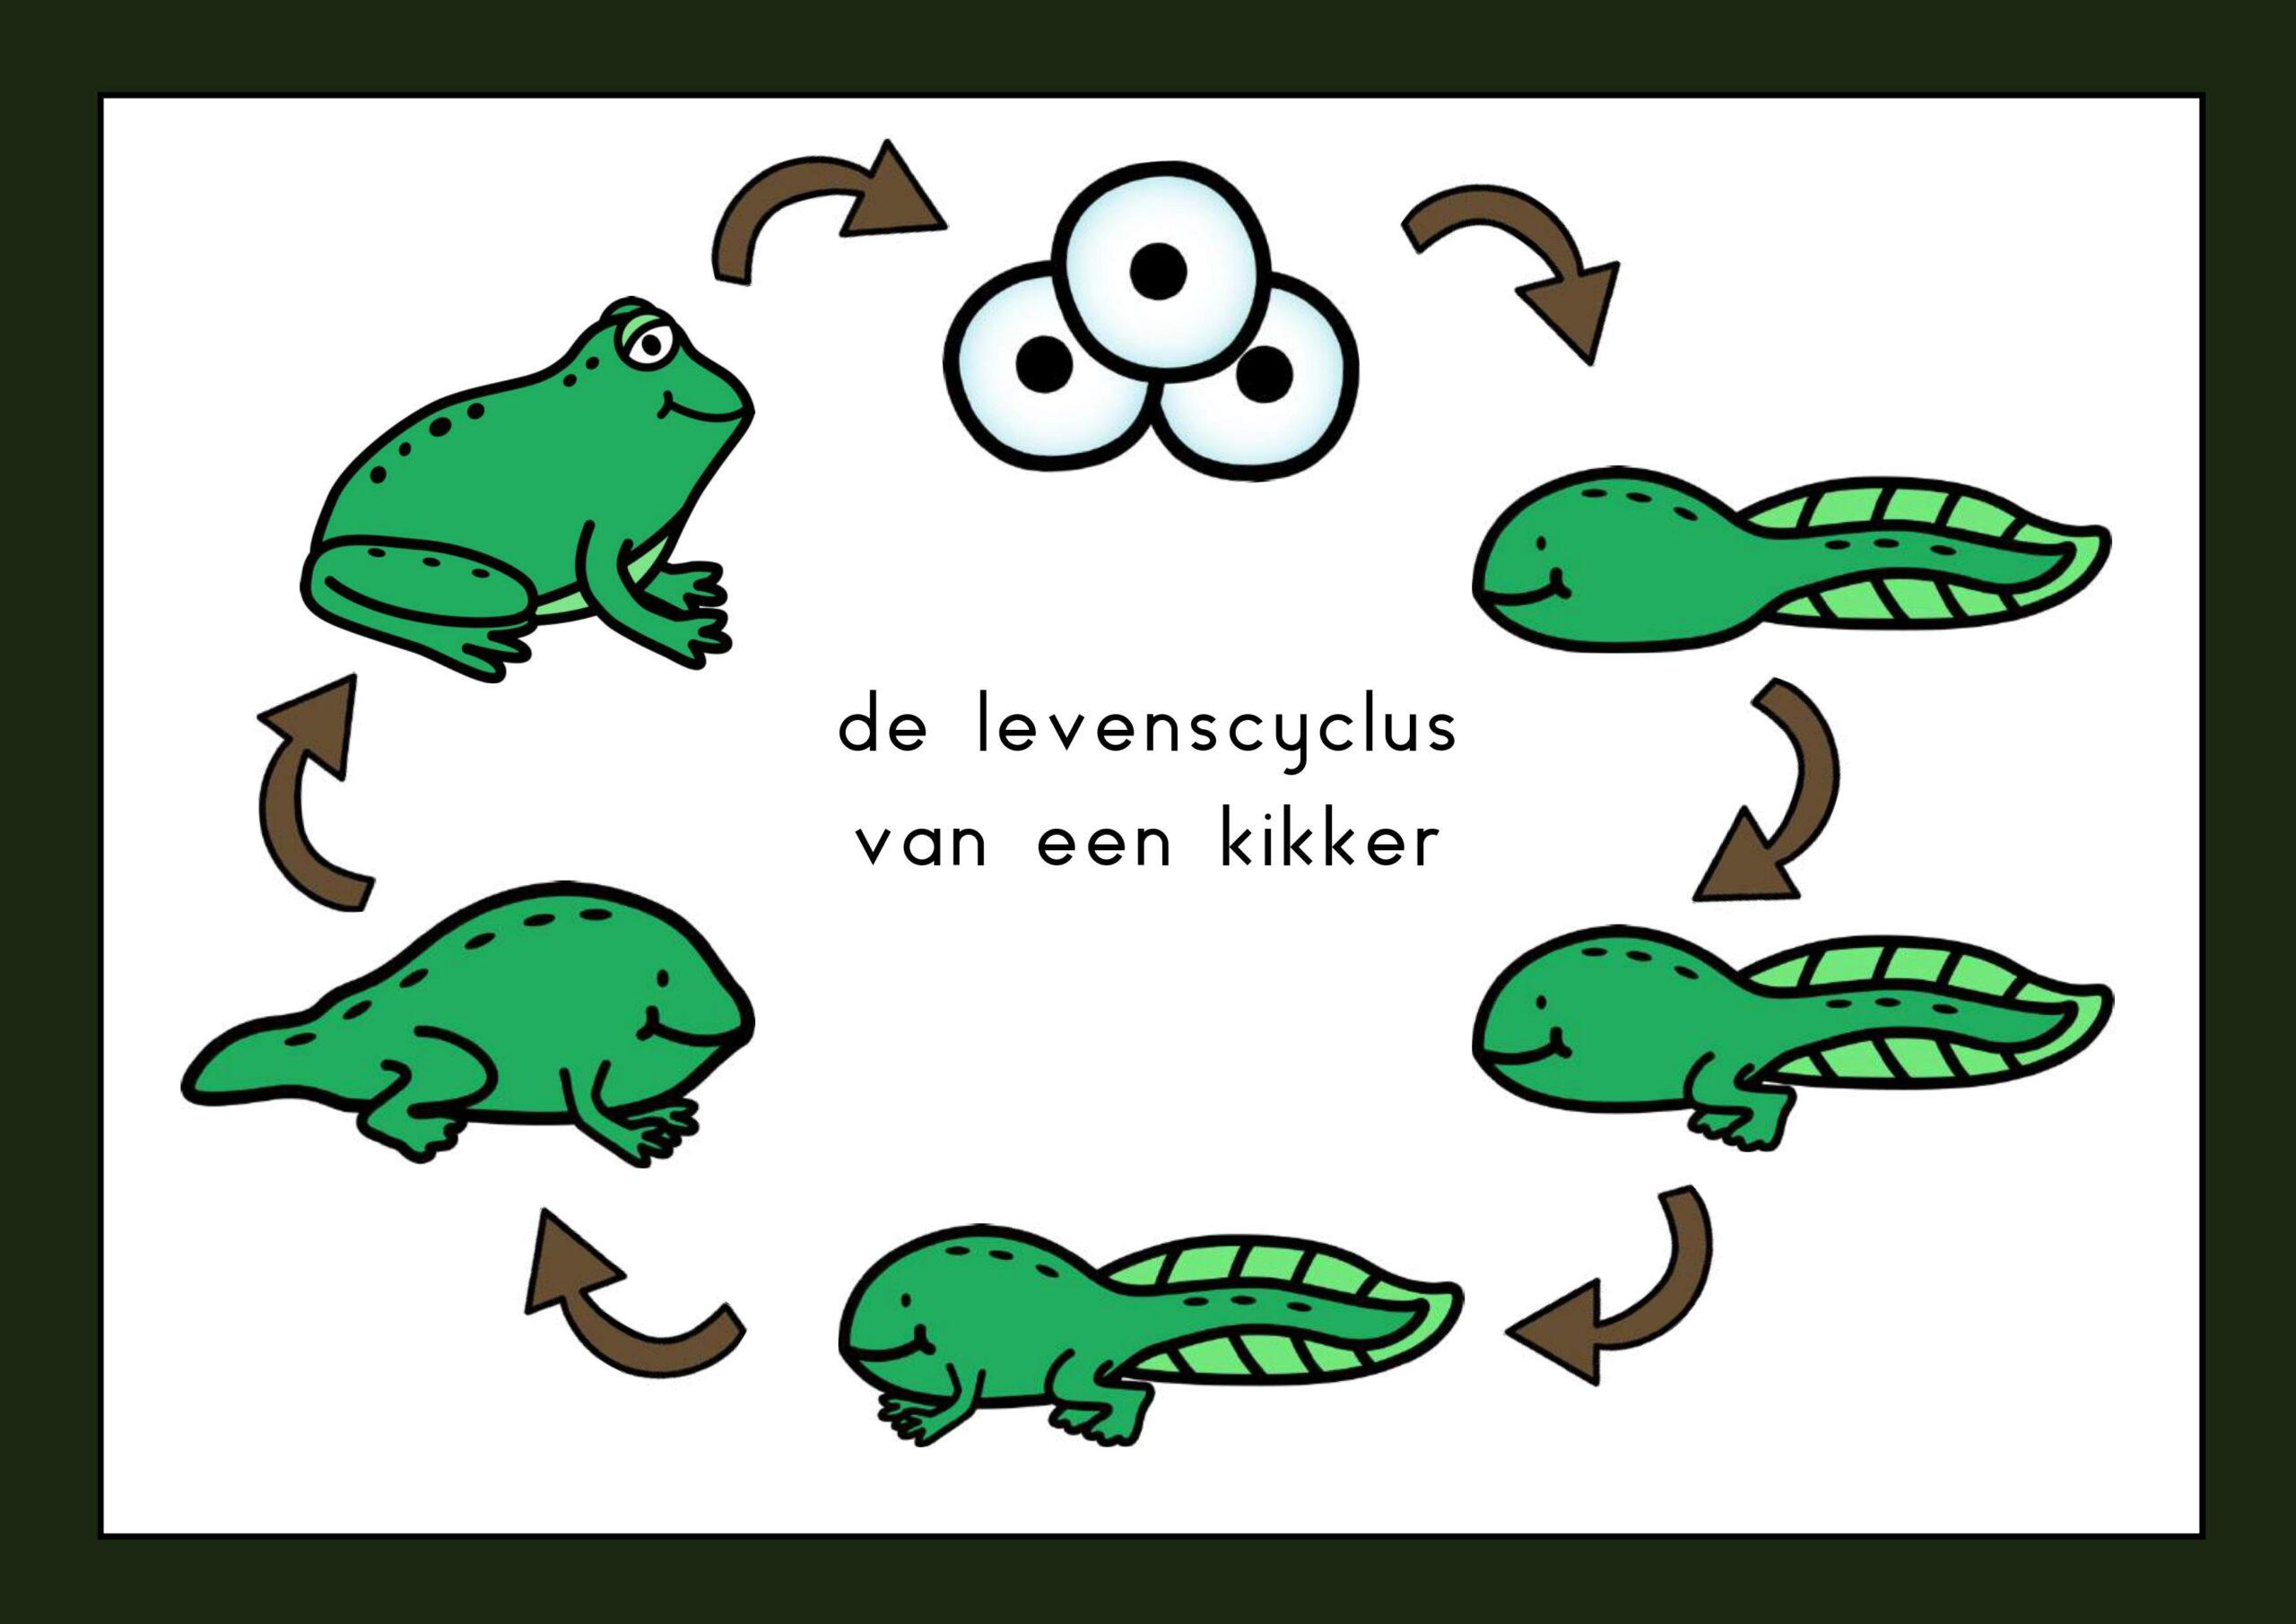 de levenscyclus van een kikker